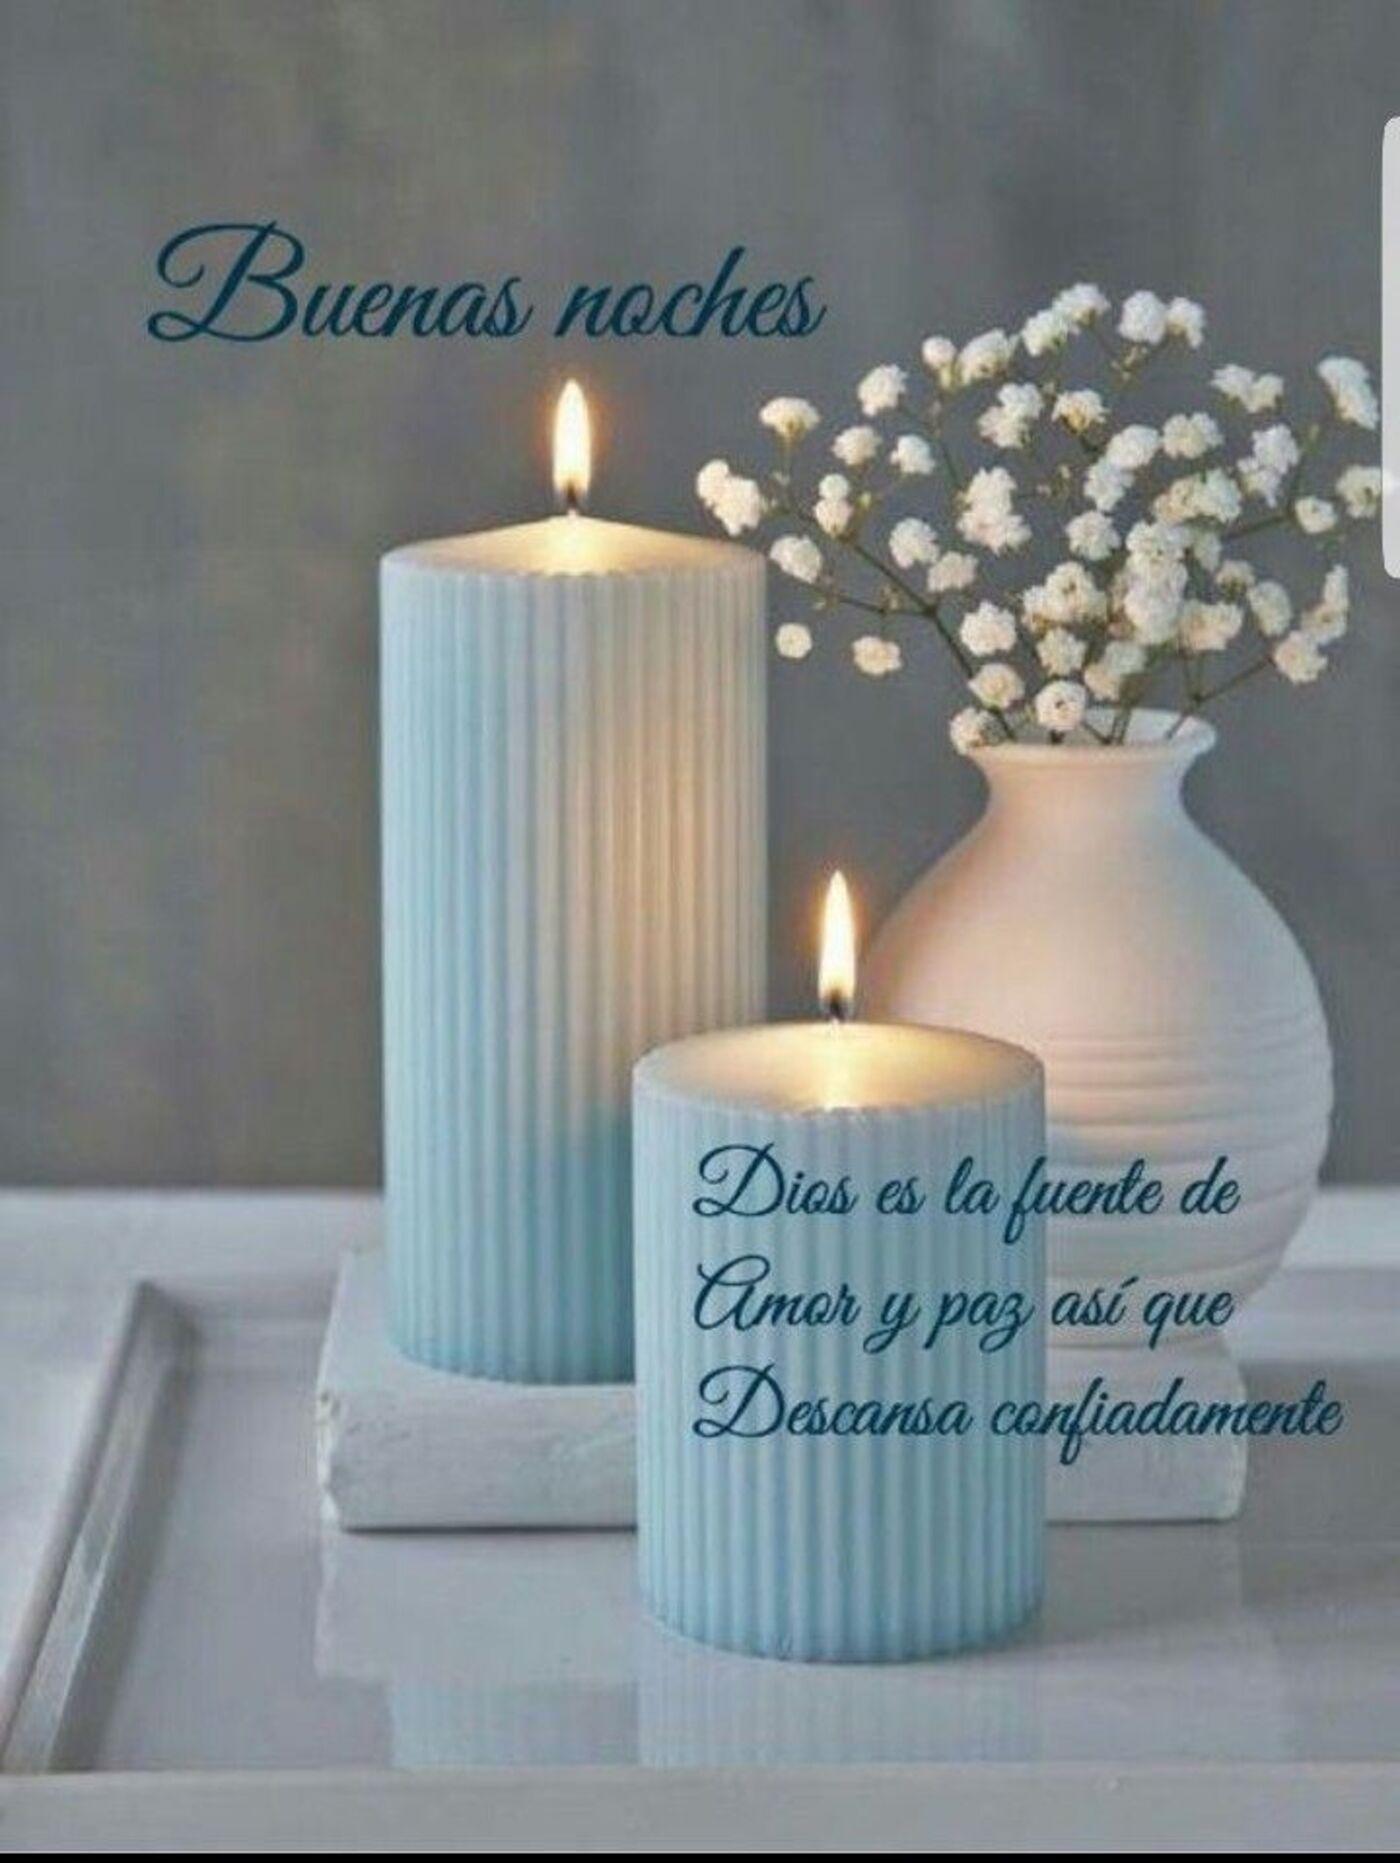 Buenas noches Dios es la fuente de amor y paz así que descansa confiadamente